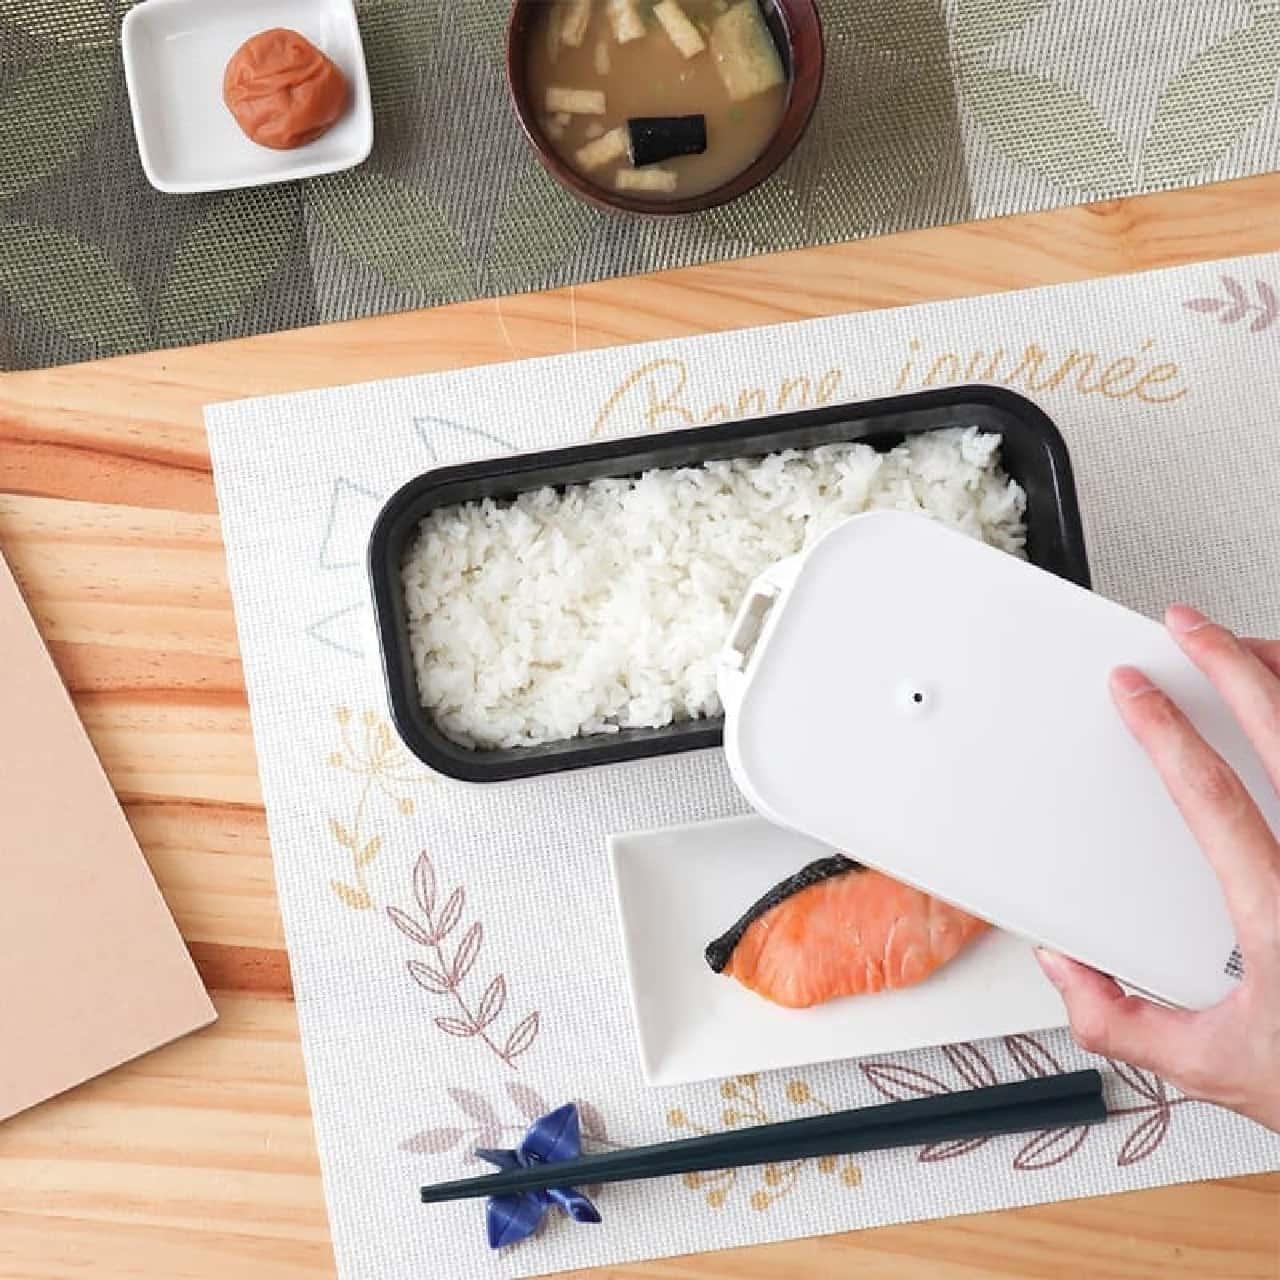 サンコーから、超小型炊飯器「おひとりさま用超高速弁当箱炊飯器」